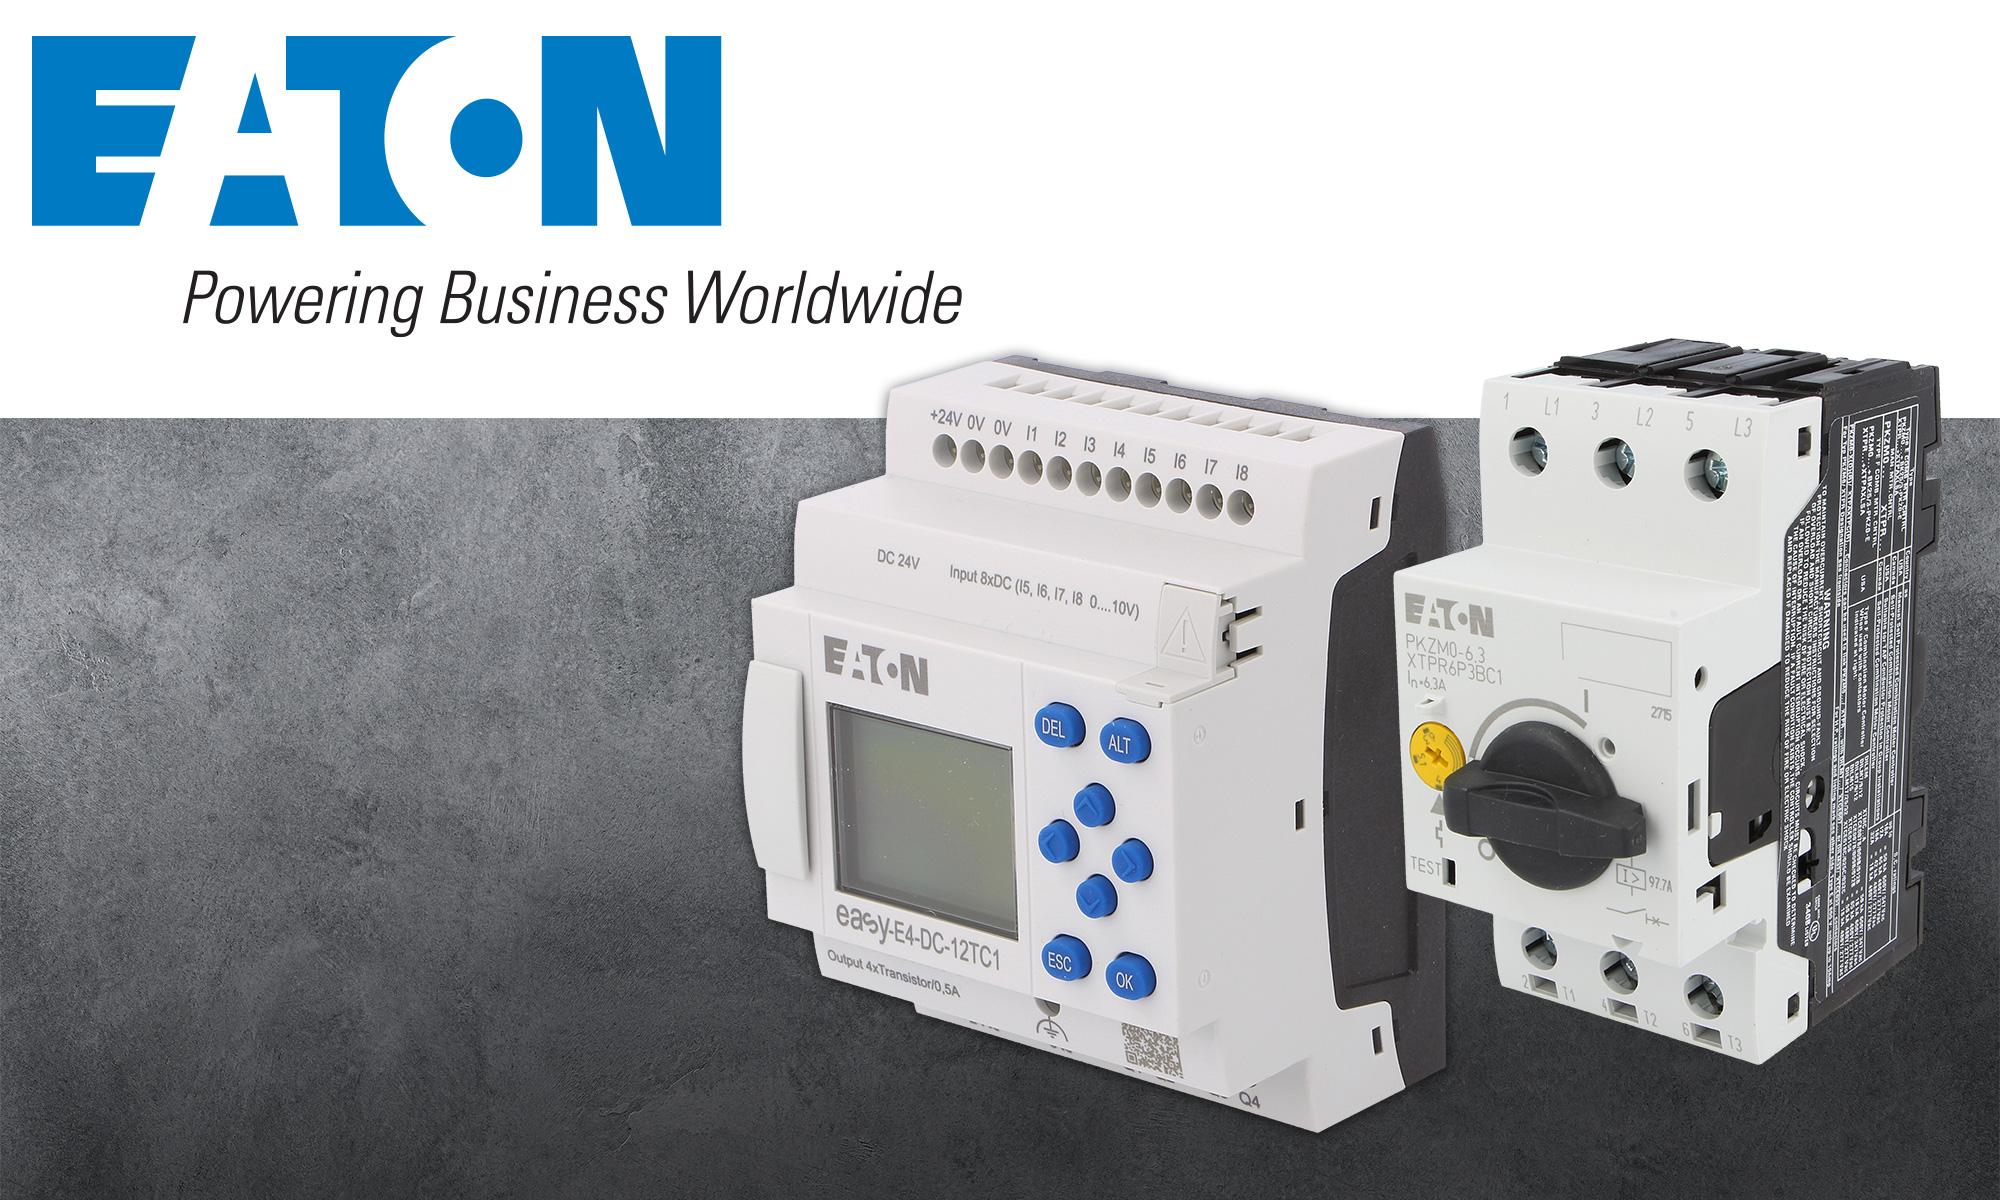 Umfassende Lösungen für Automatisierung von Eaton Electric